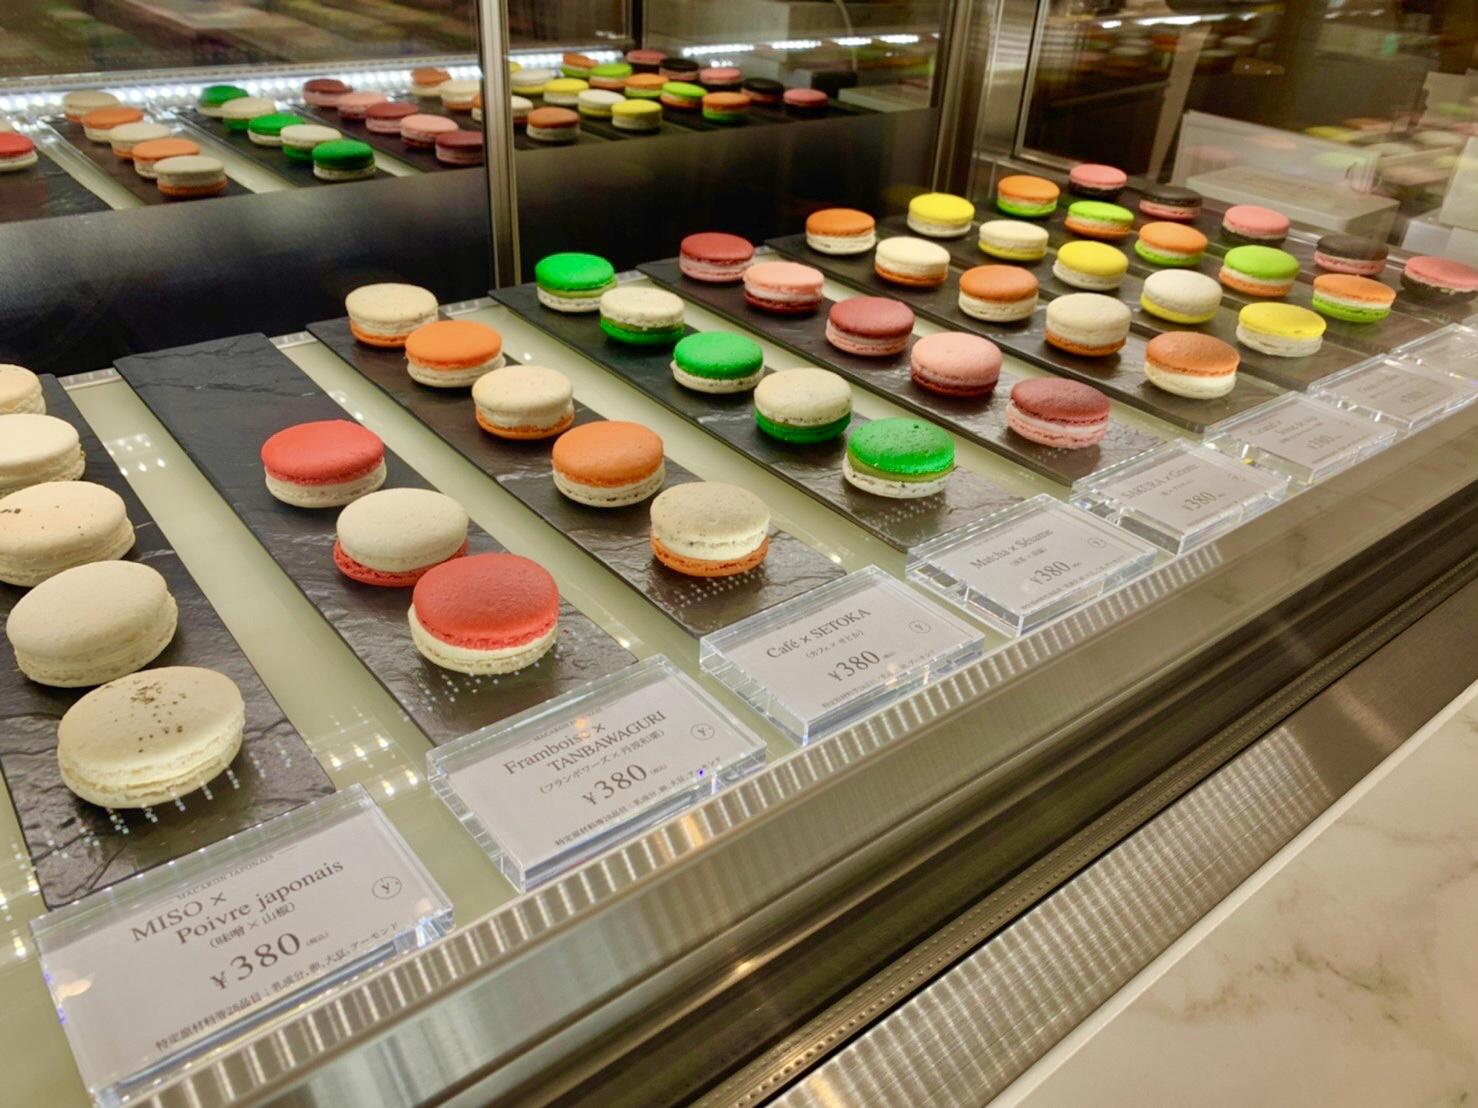 【コスパも味も最高のマカロン&ケーキ】3月にオープンしたばかりの大注目鎌倉スイーツ店_4